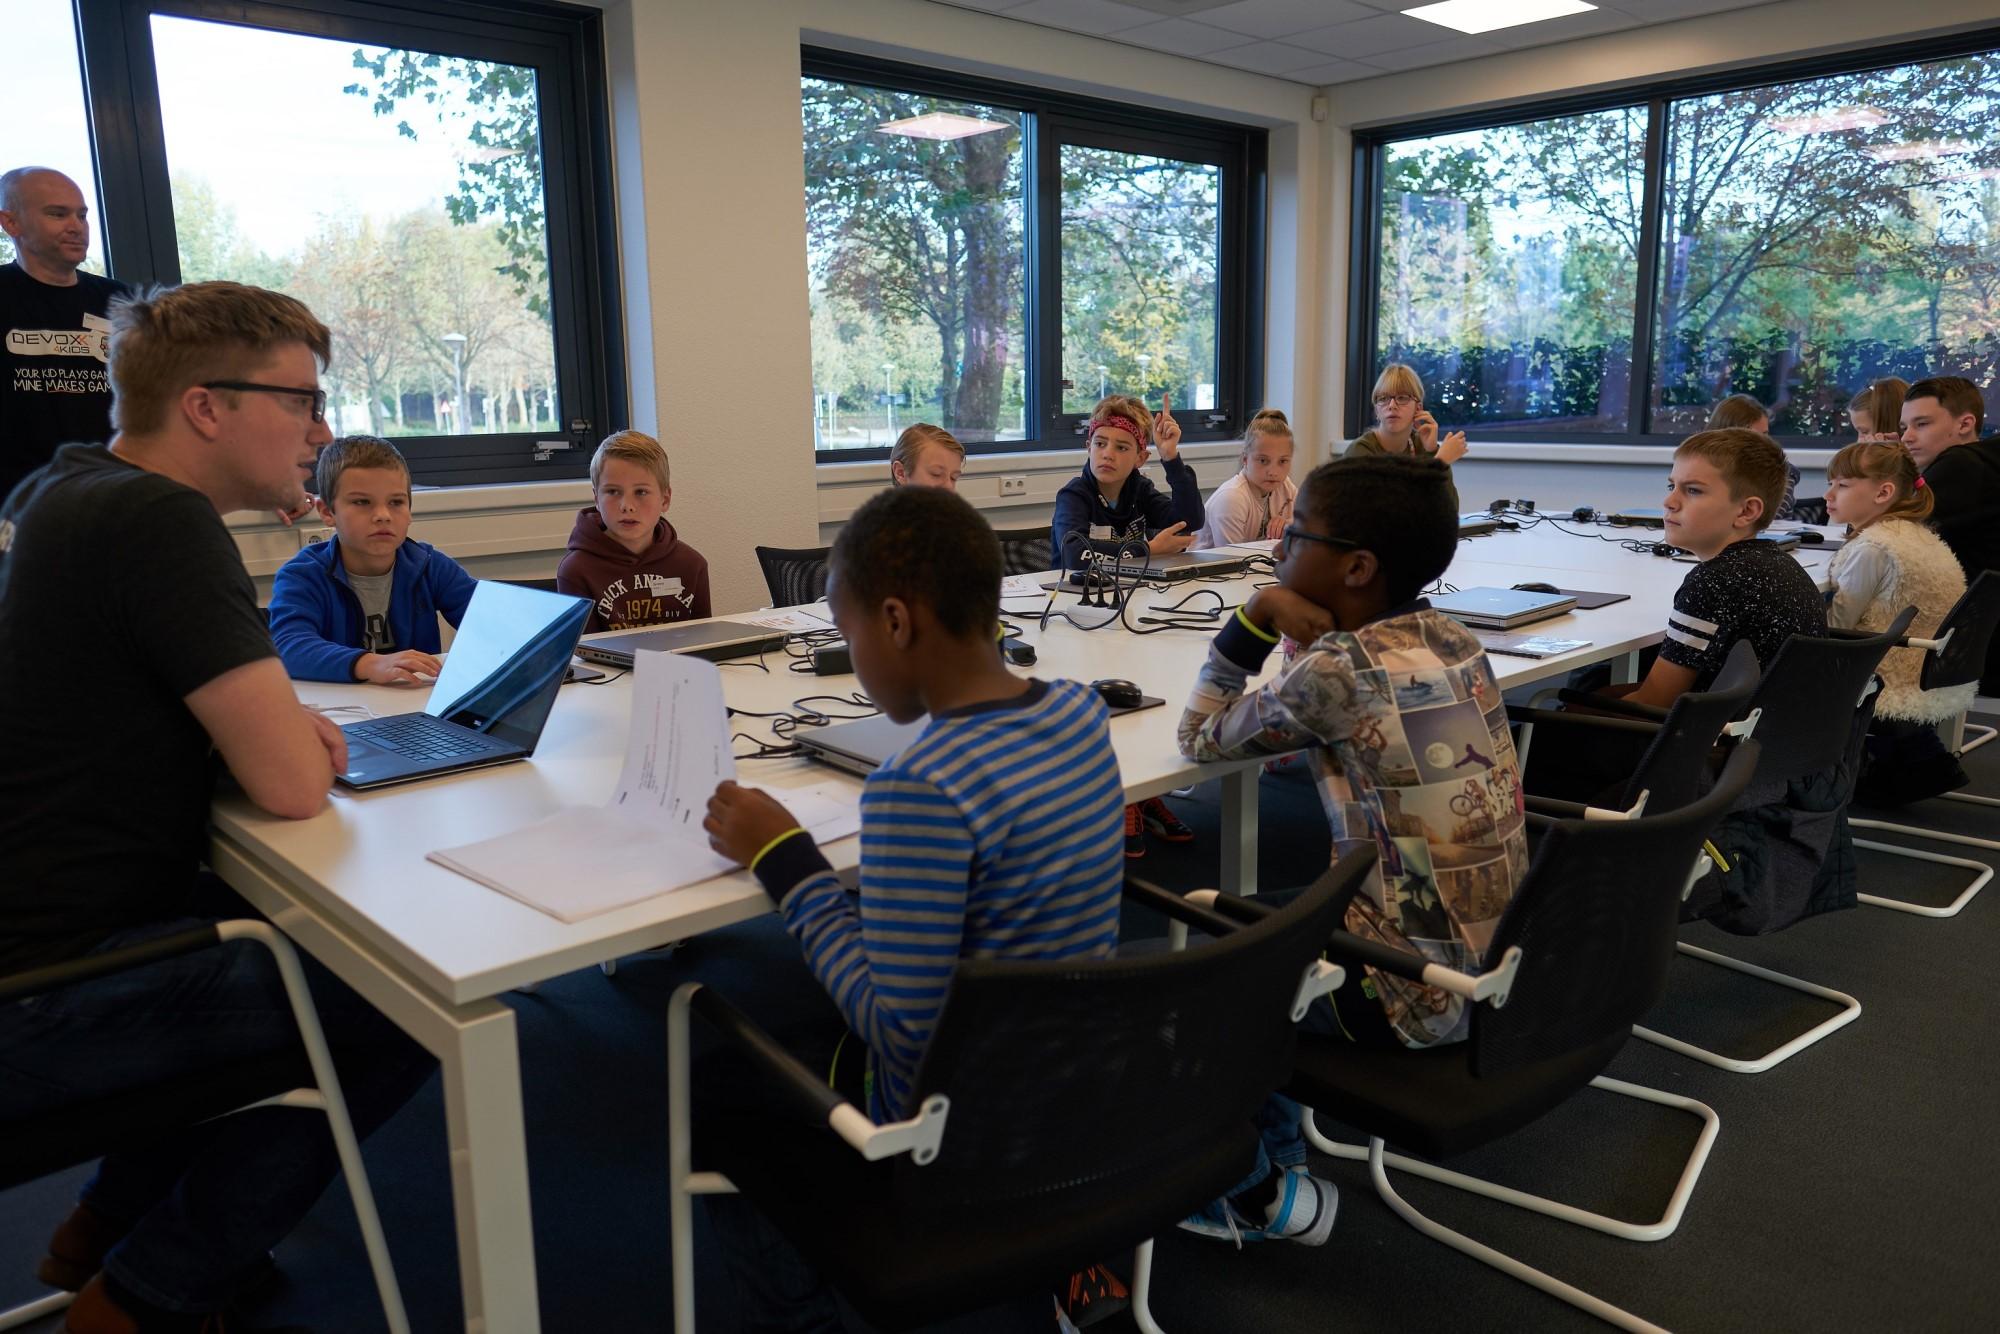 Kinderen luisteren aandachtig naar de uitleg van de workshop.